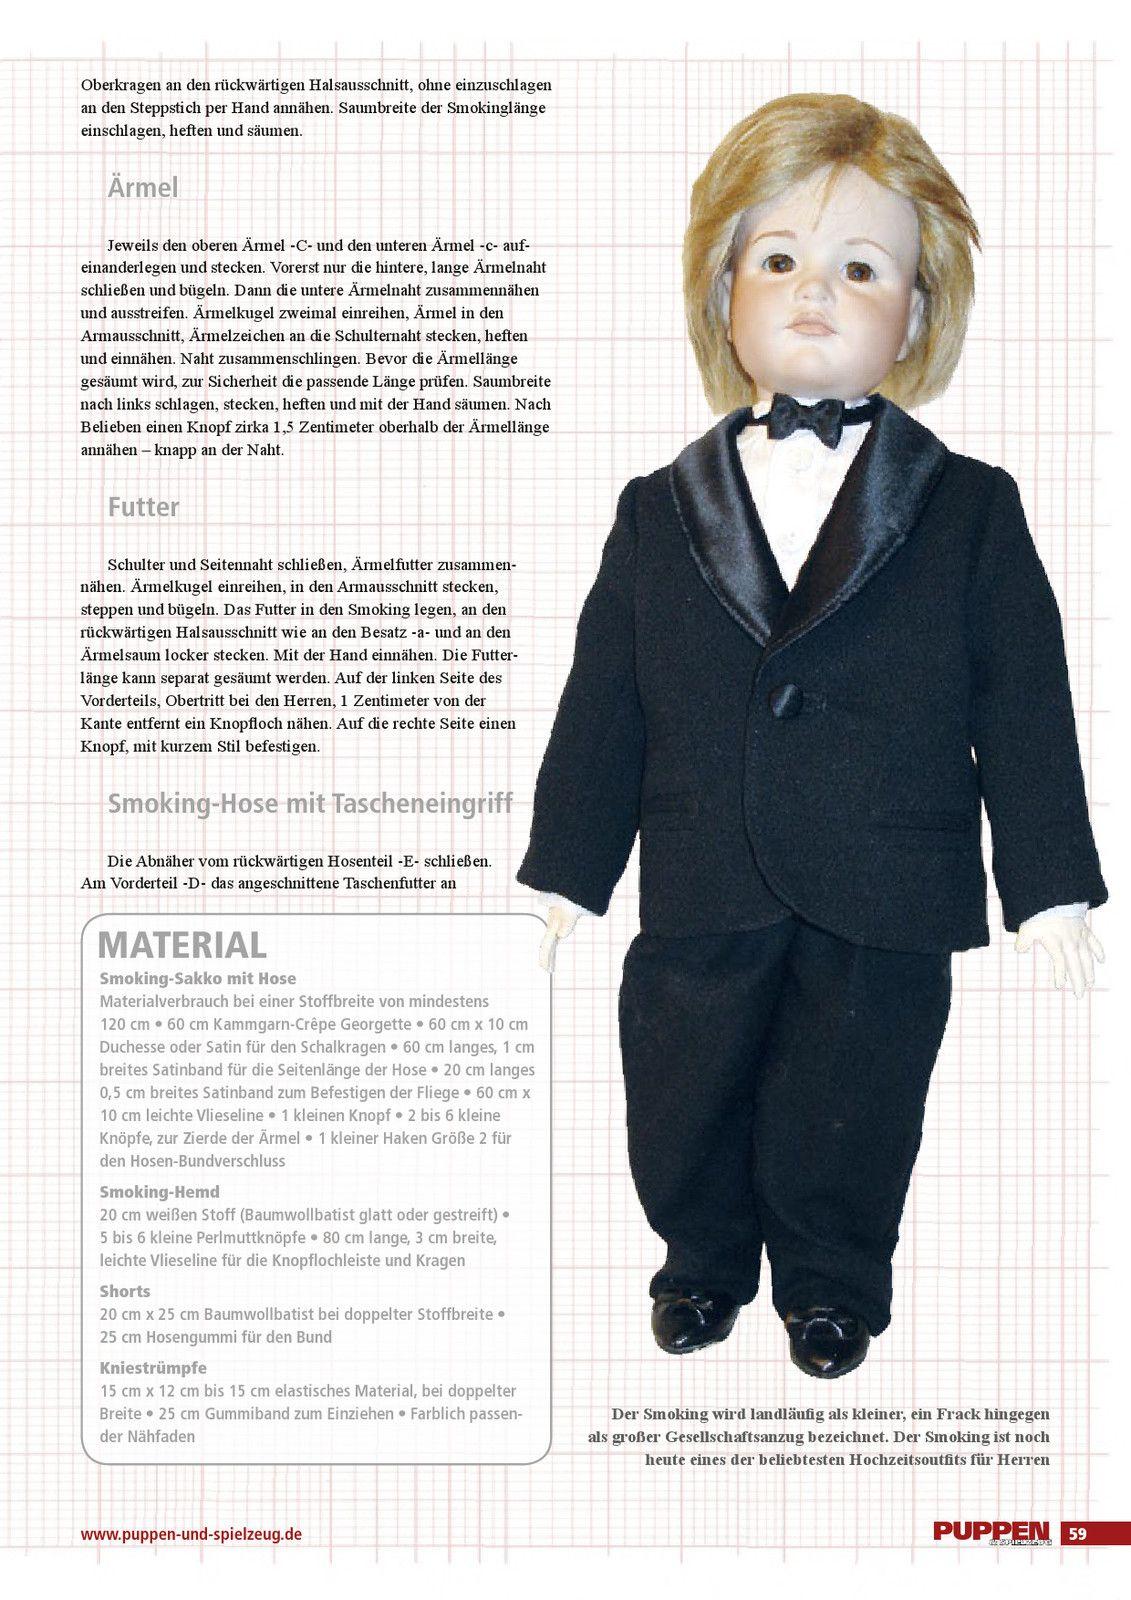 PUPPEN & Spielzeug 4/2012: Gala-Anzug - http://puppen-und-spielzeug ...